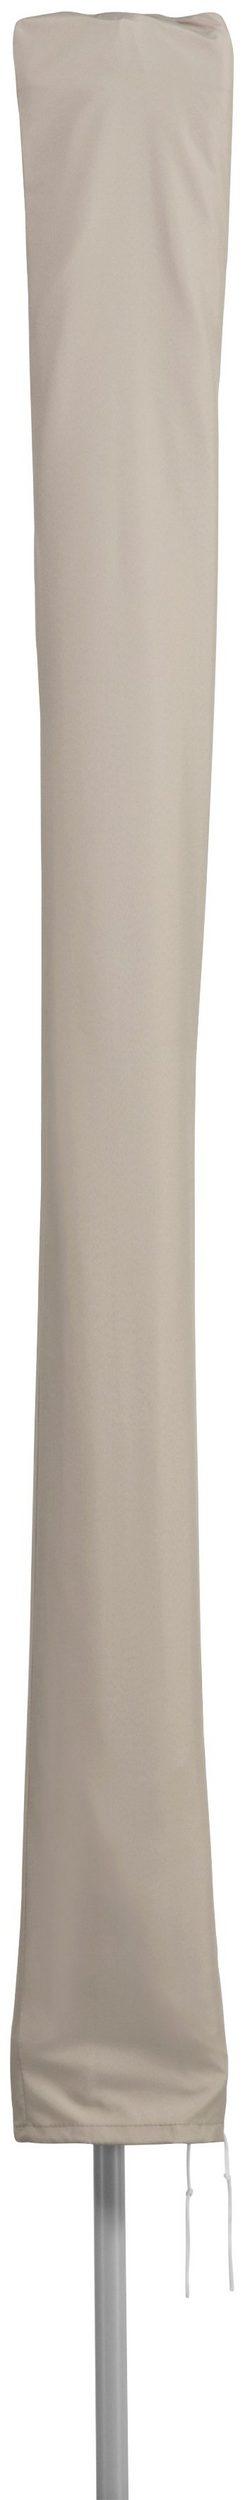 Parasol ogrodowy 140 x 190 cm, naturalny